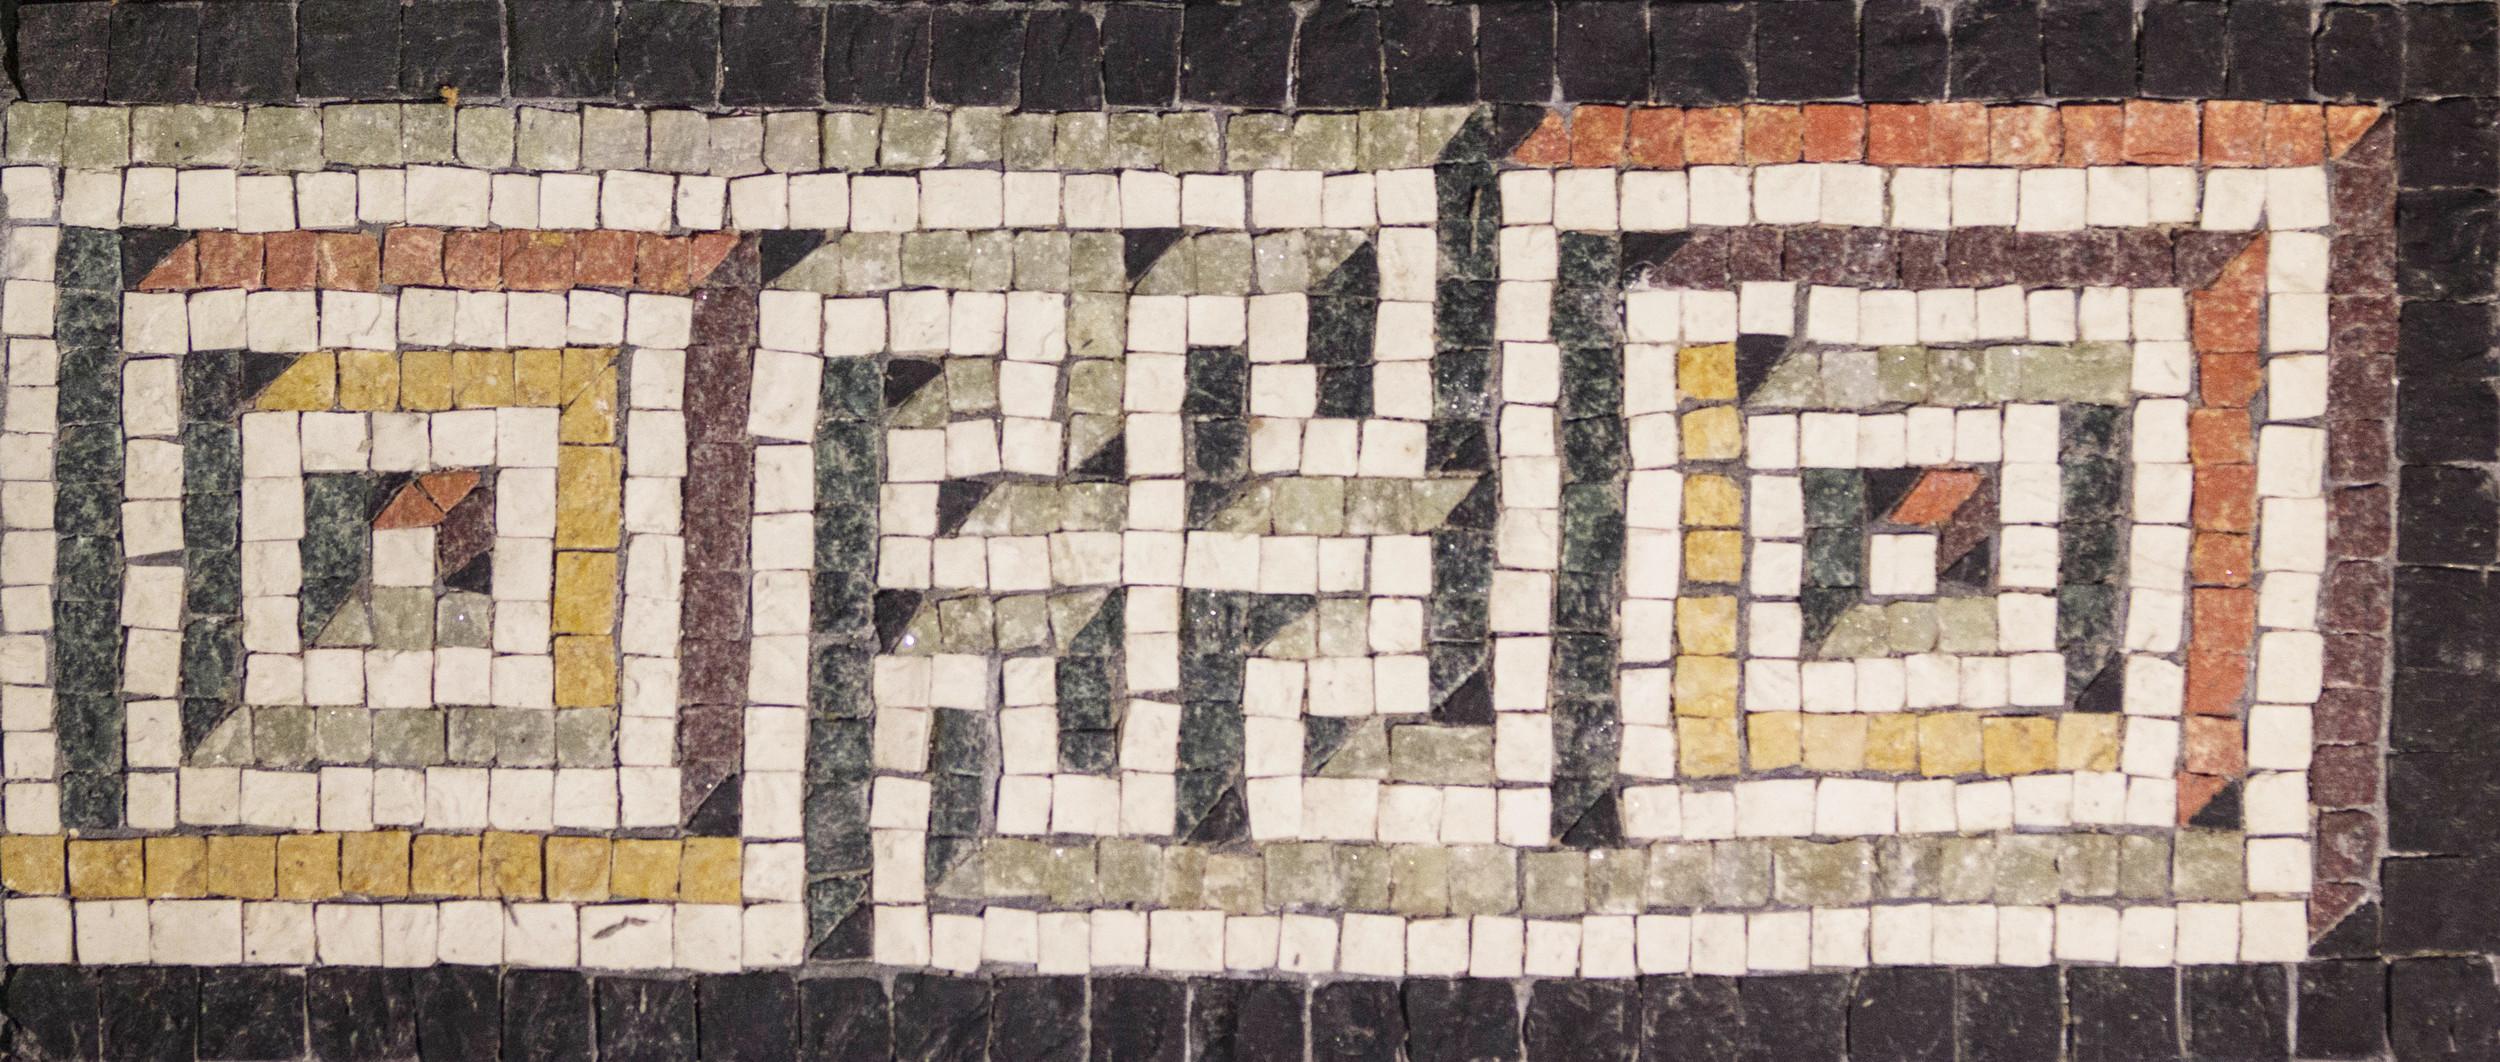 mosaic-4.jpg